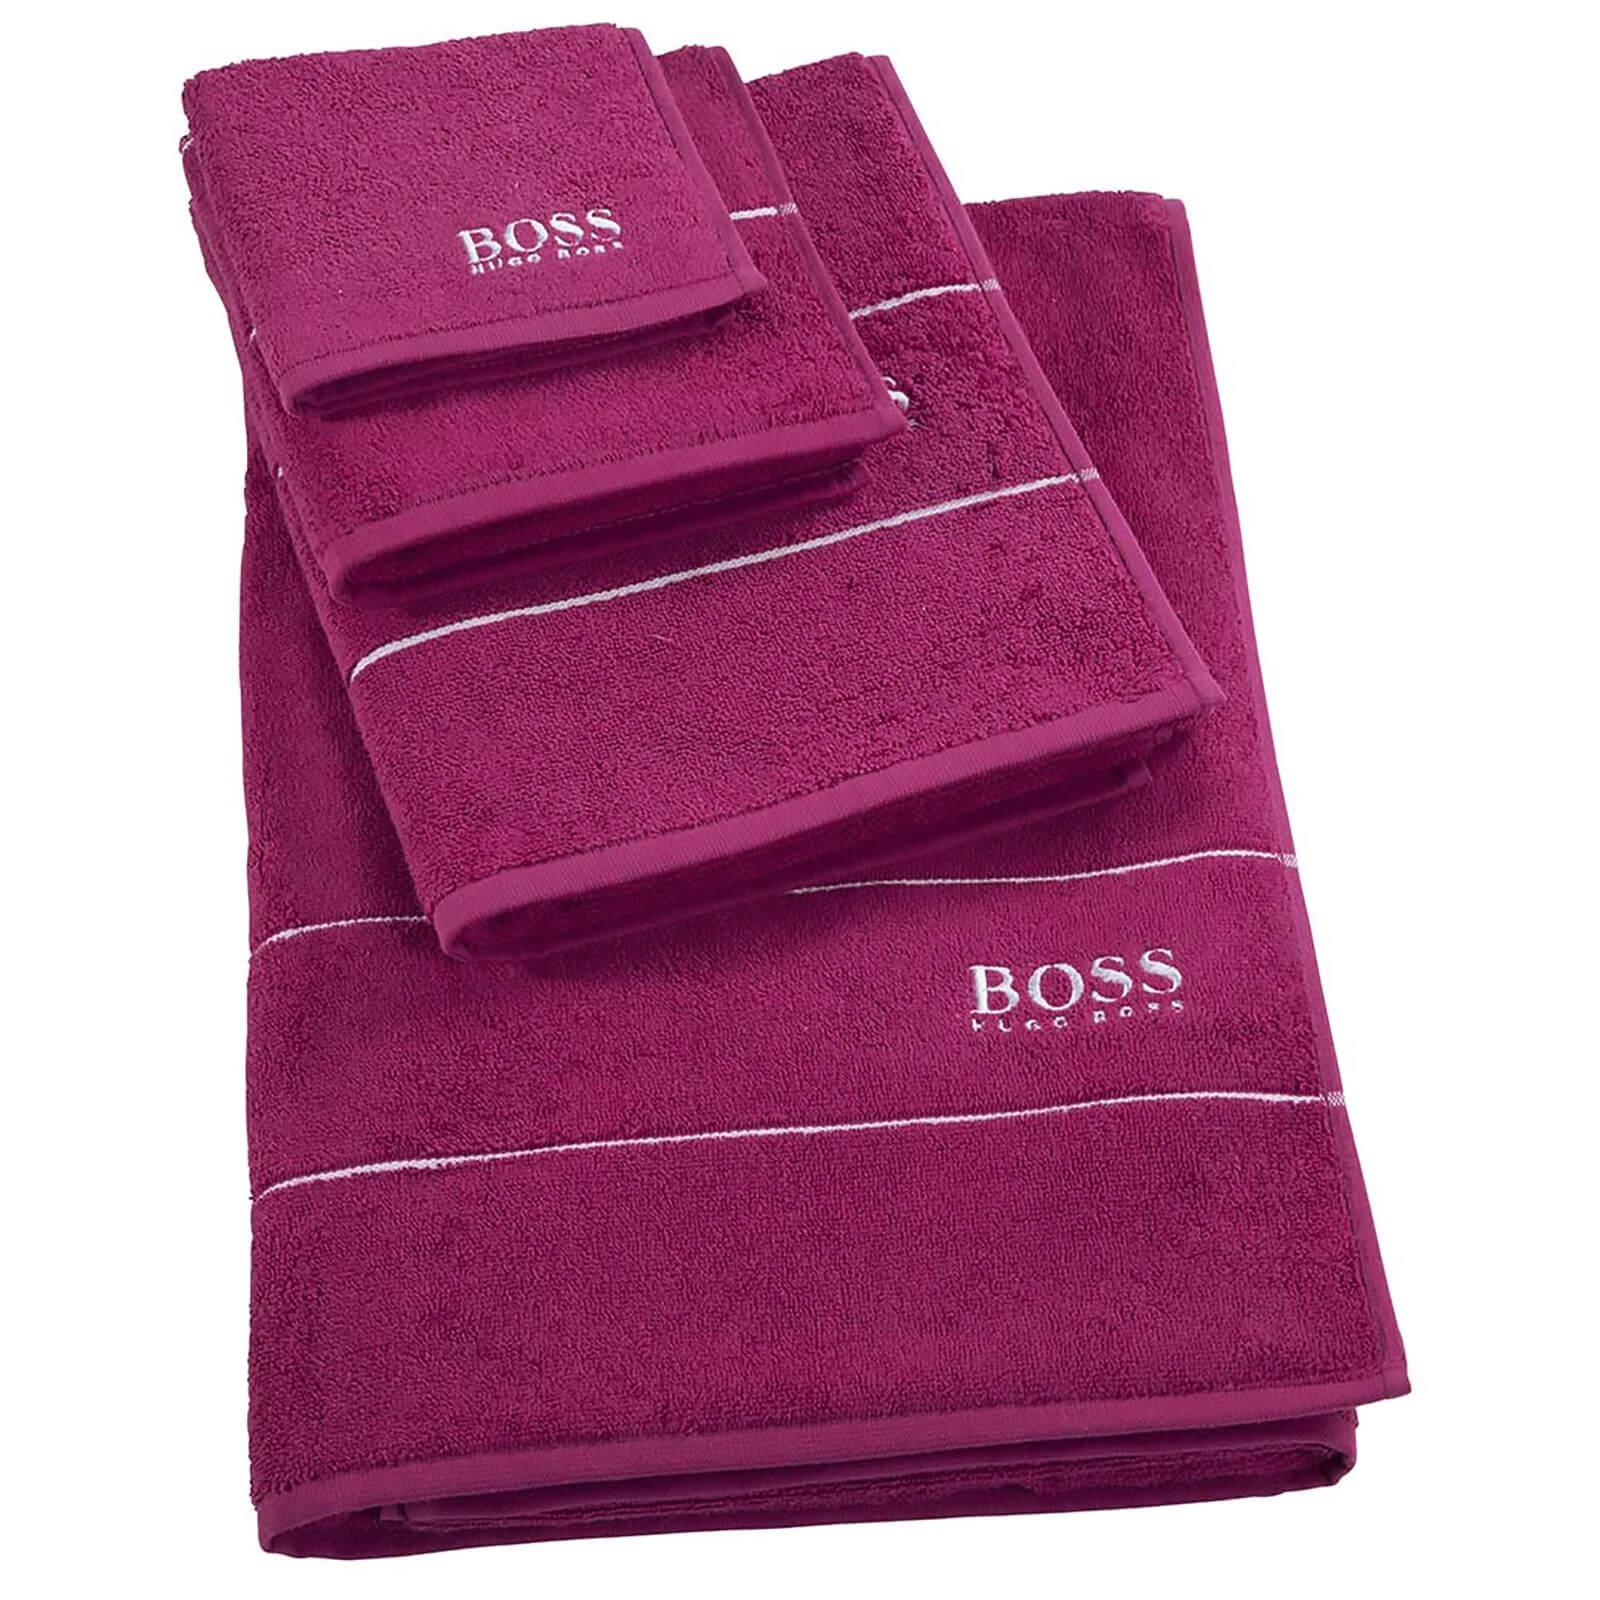 Hugo Boss Plain Towel Range - Azalea - Bath Sheet - Pink